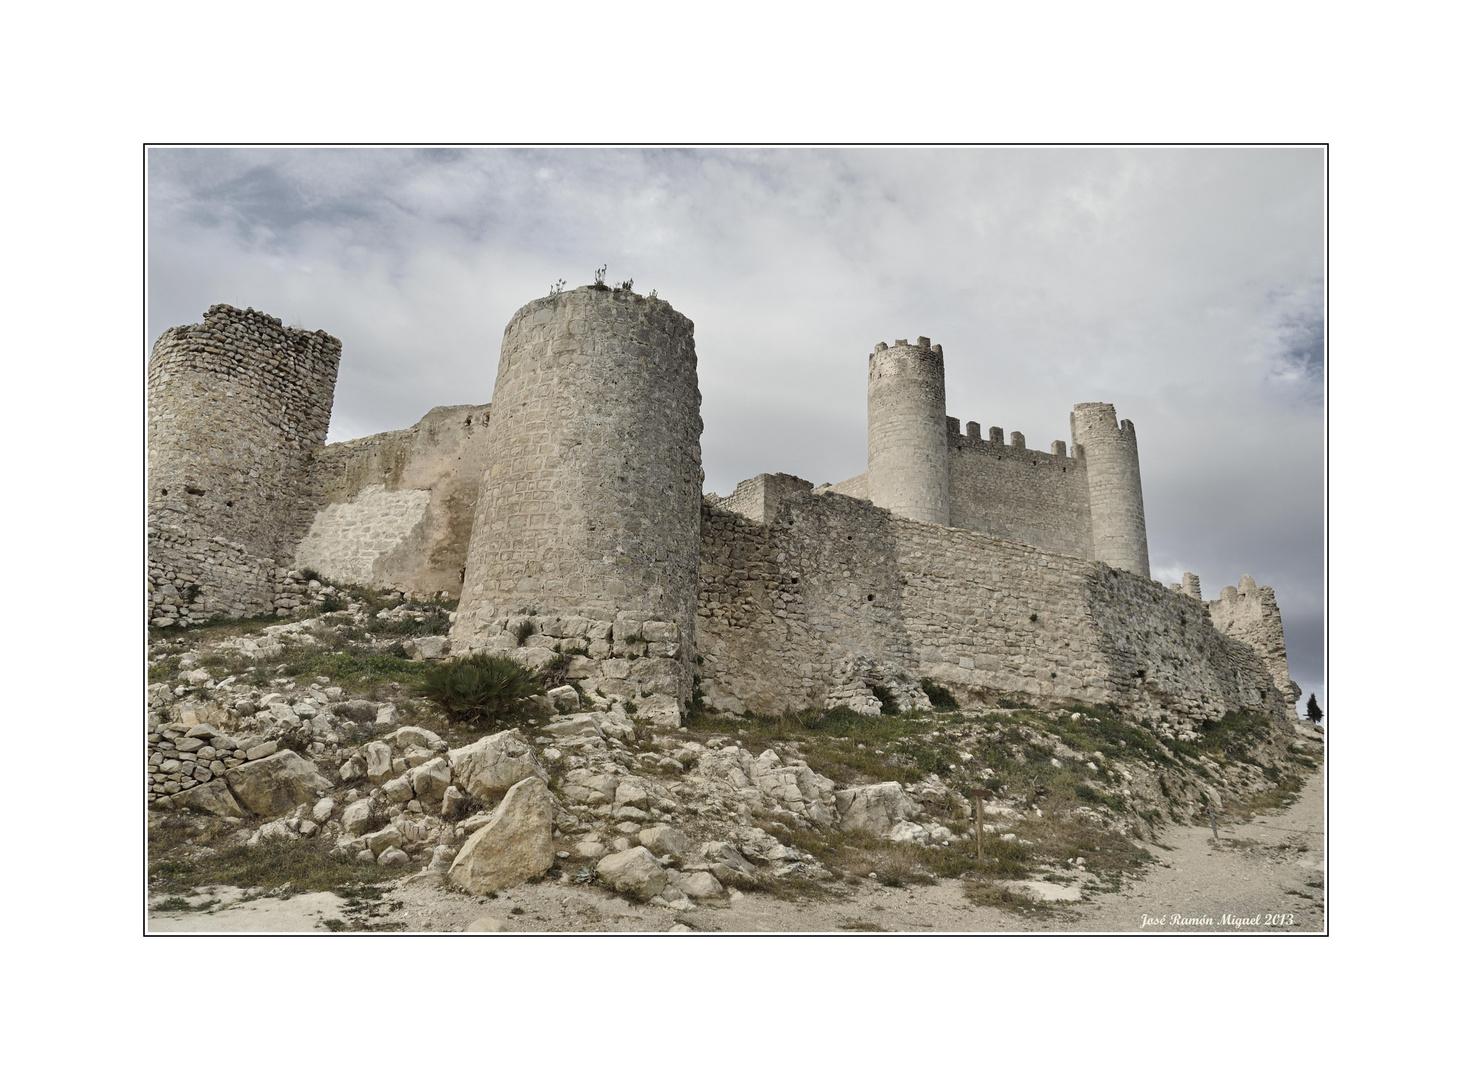 Castillo de Chivert